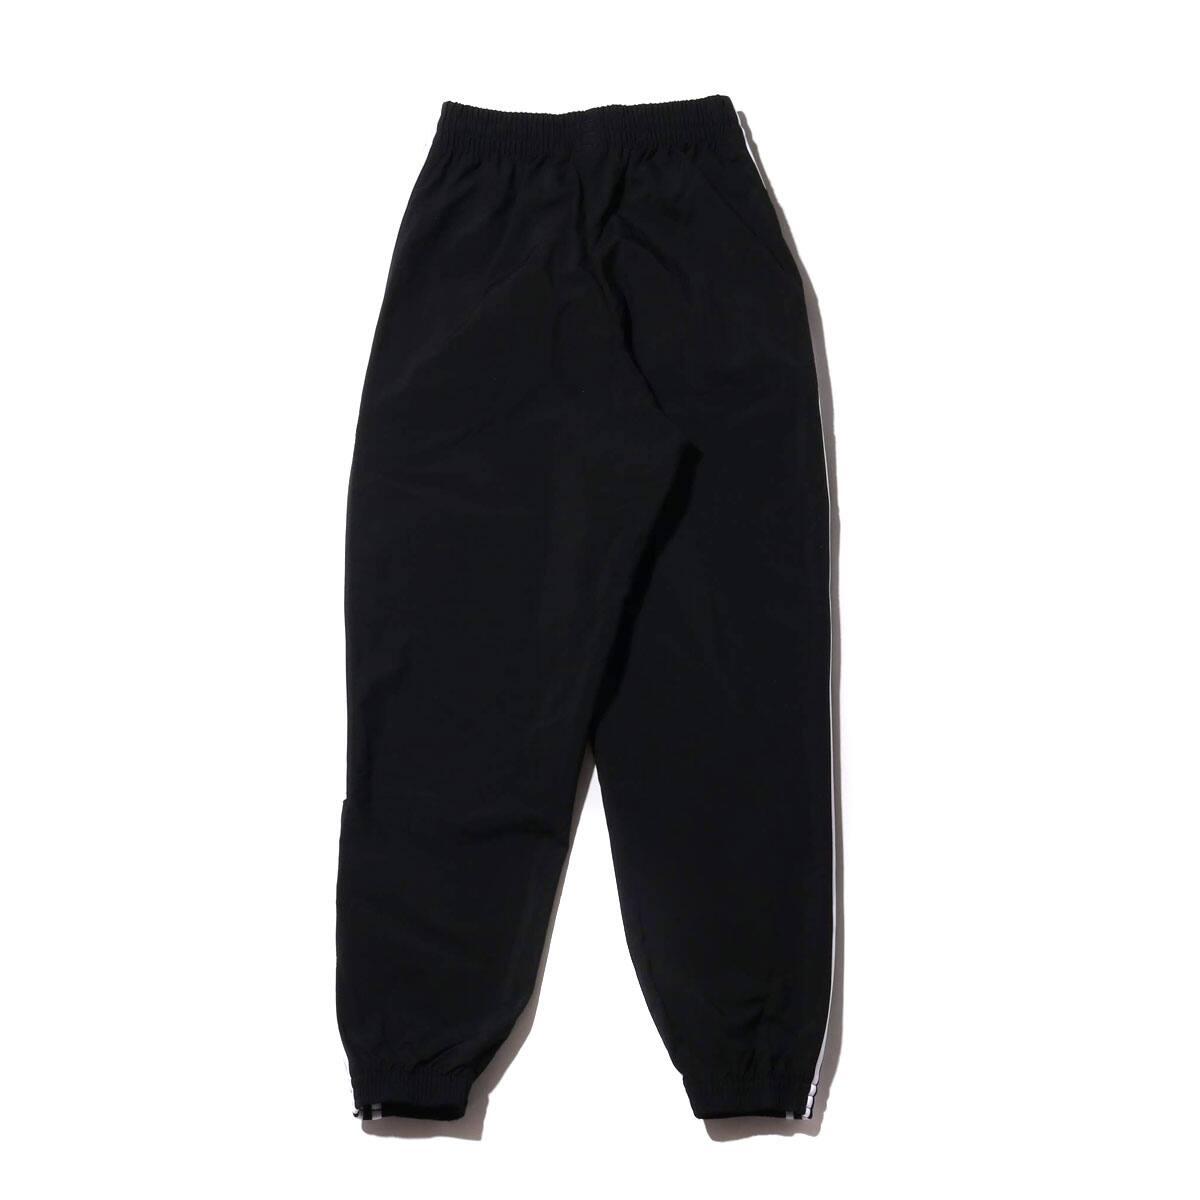 """""""adidas LOCK UP TRACK PANTS BLACK 19FW-I""""_photo_2"""